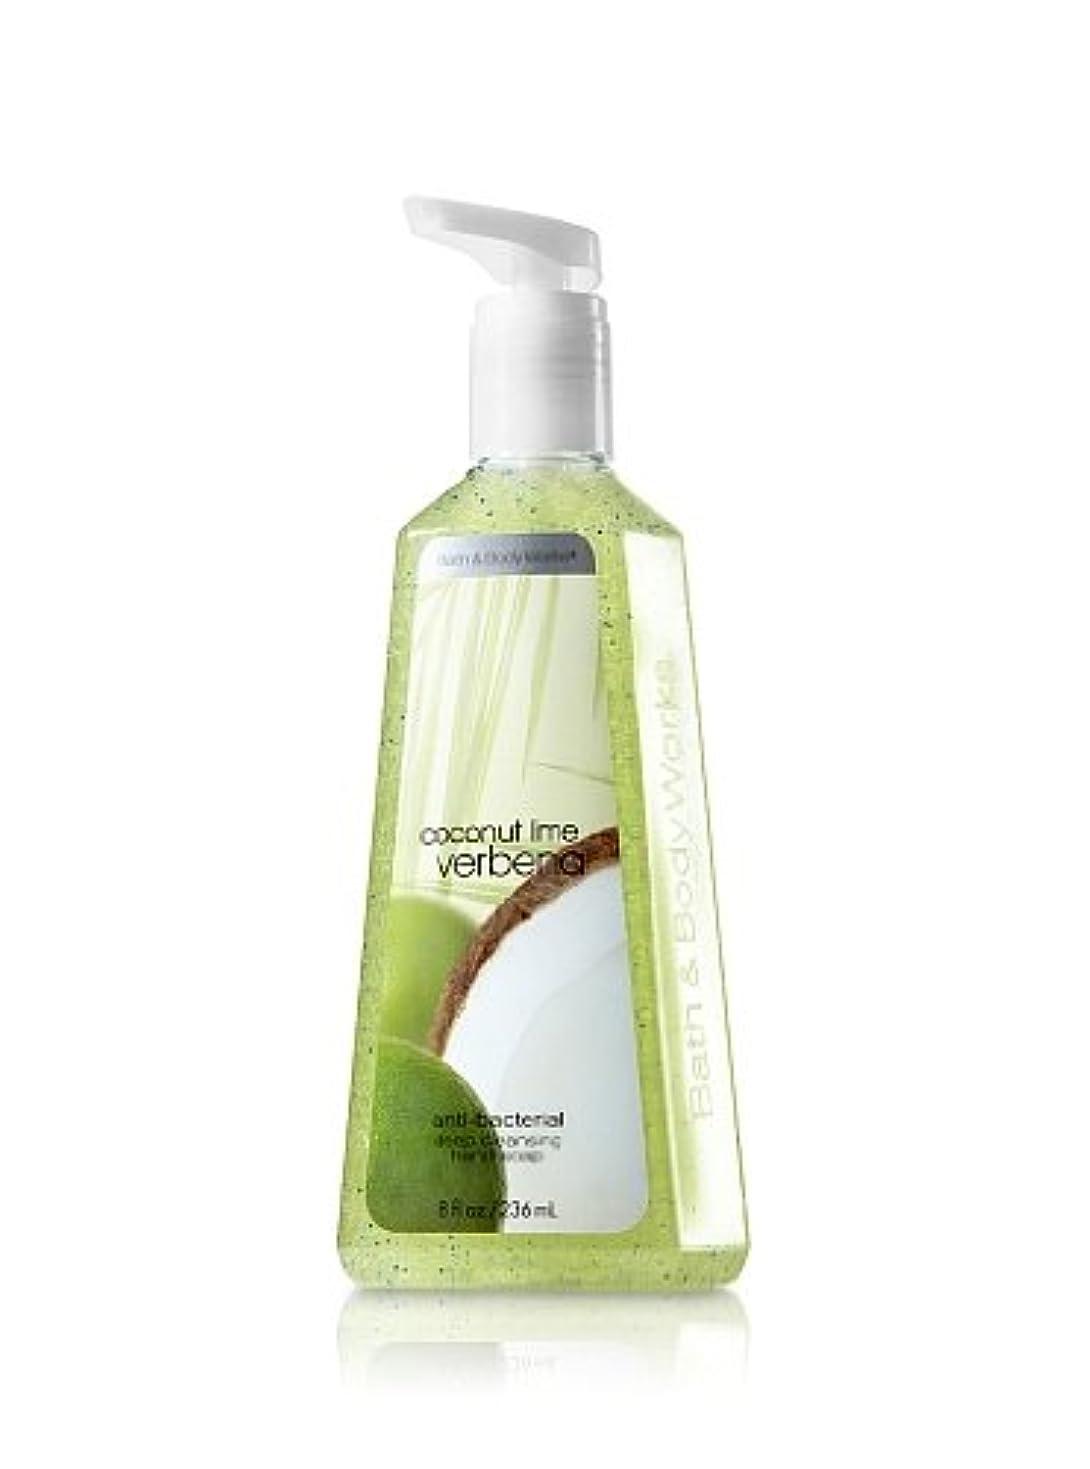 比類のないフォーム架空のバス&ボディワークス ココナッツライムバーベナ ディープクレンジングハンドソープ Coconut Lime Verbena Deep Cleansing Hand Soap [海外直送品]